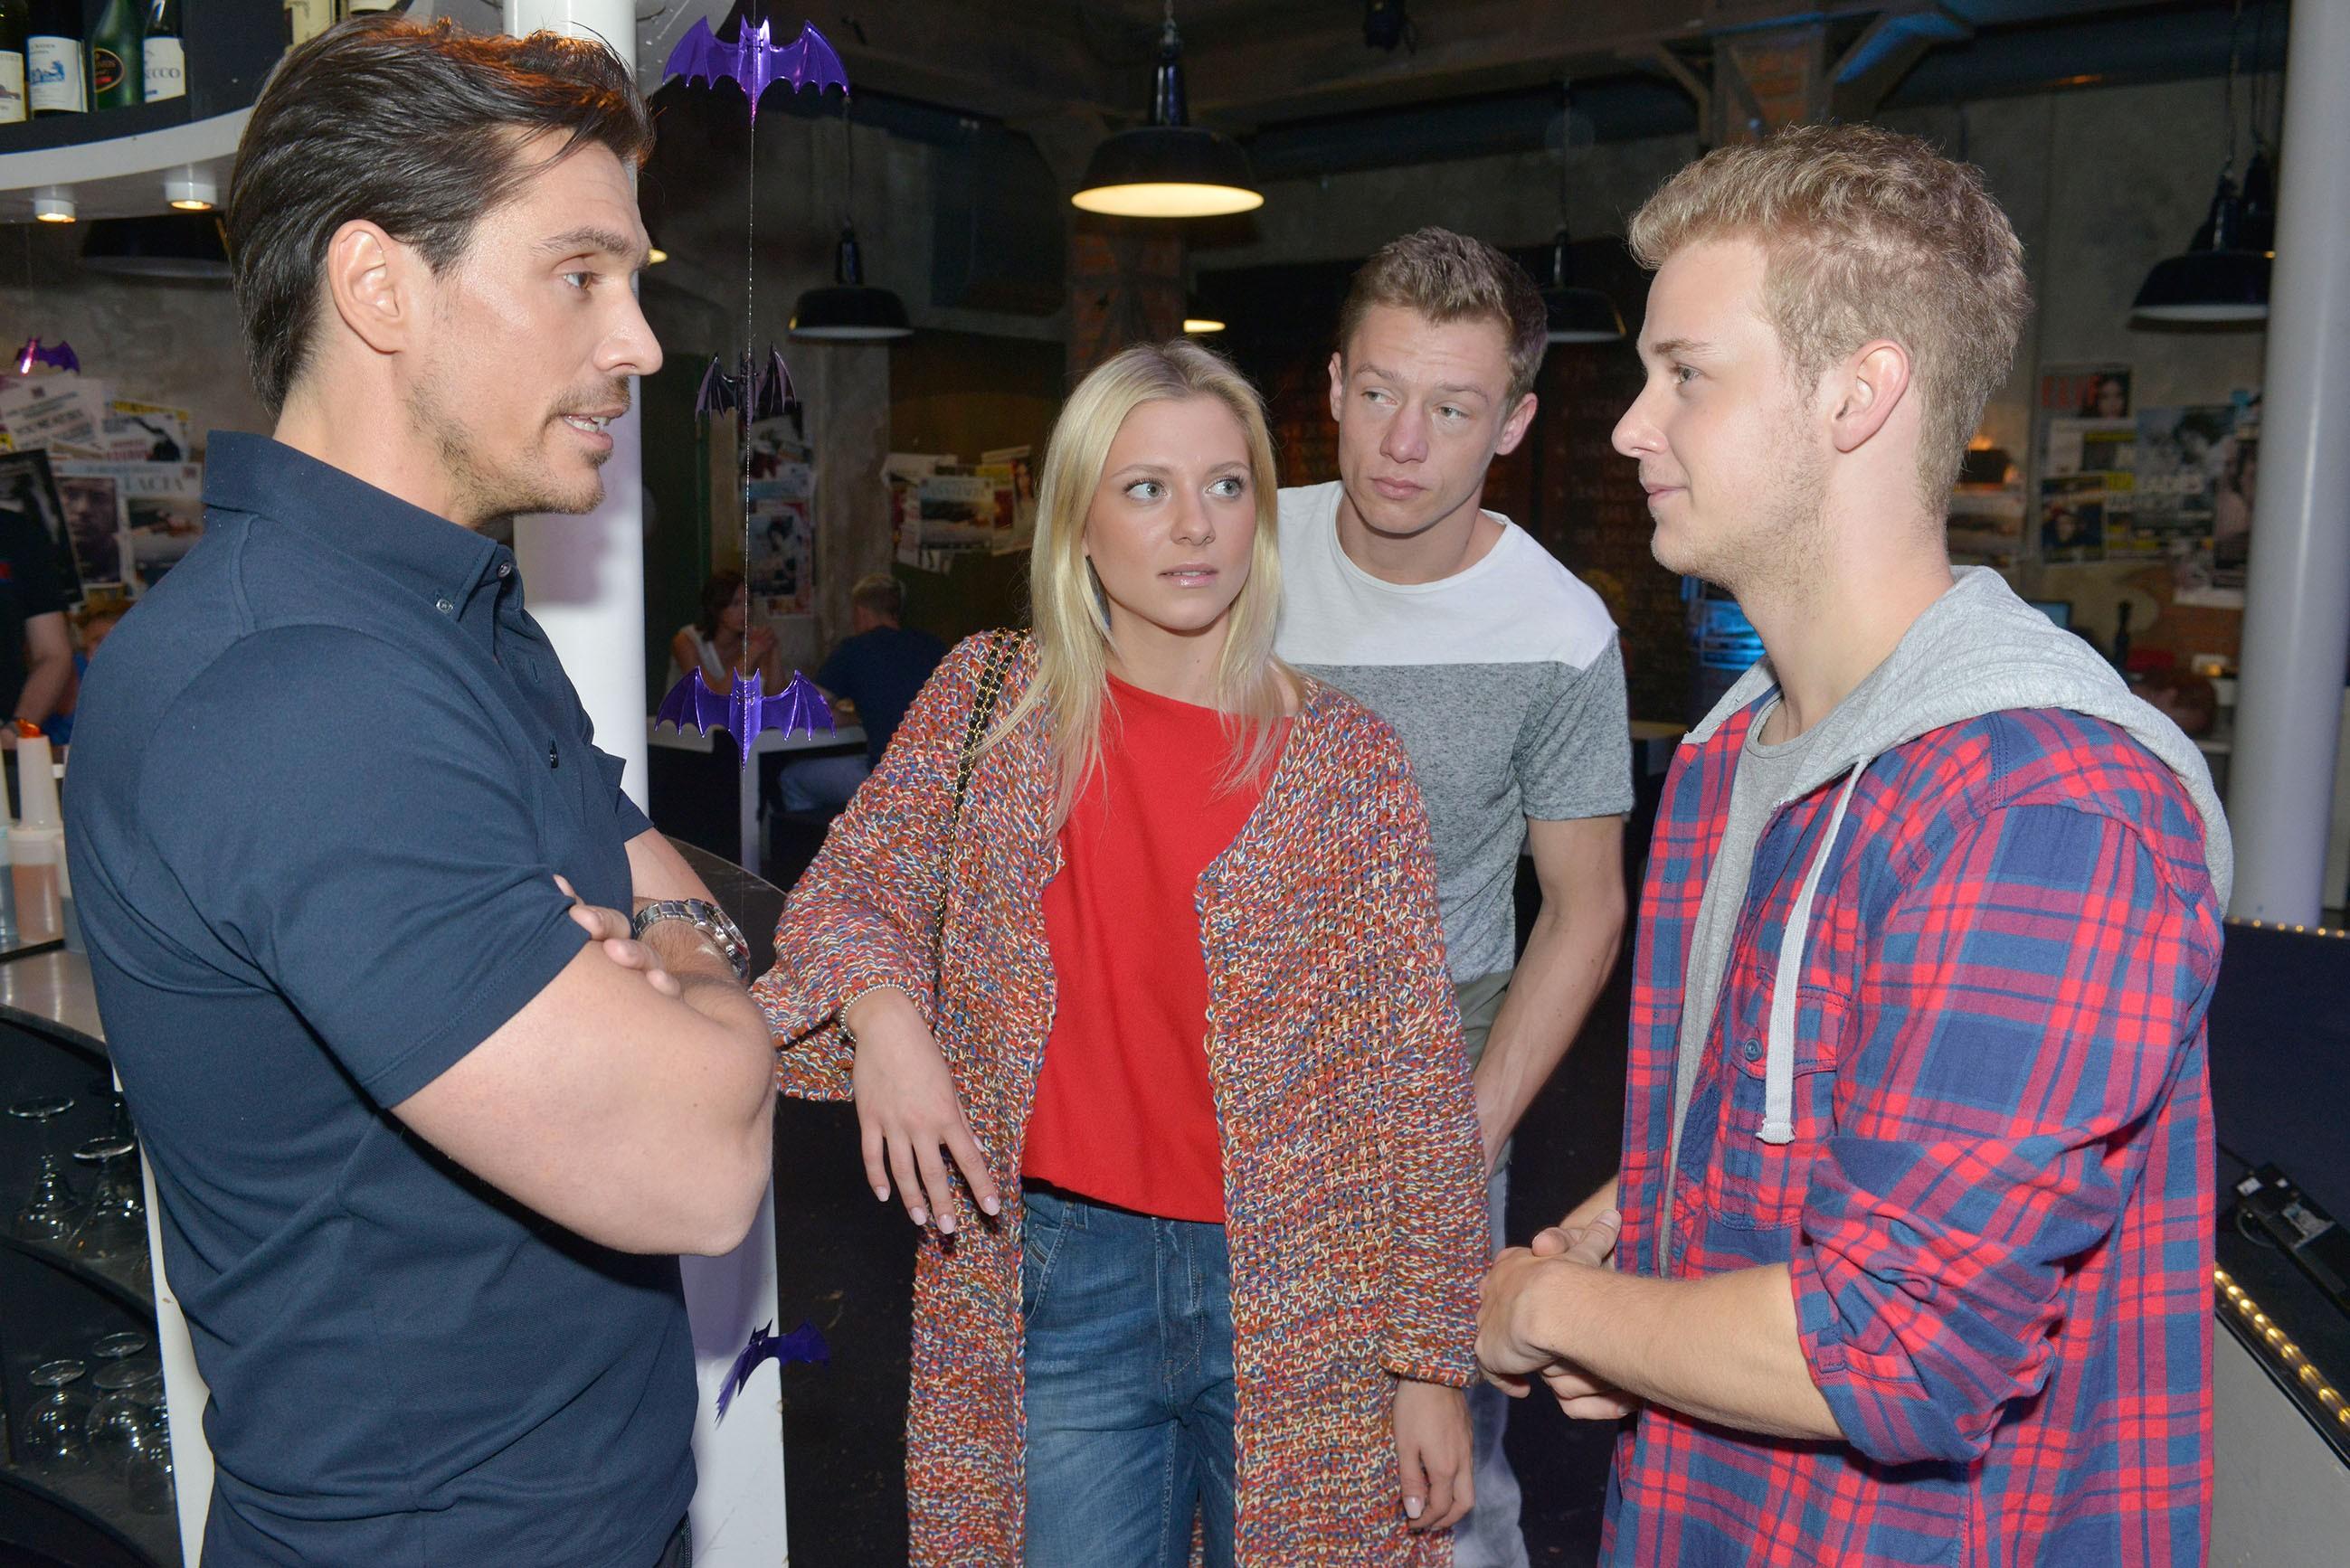 Im Beisein von Sunny (Valentina Pahde) und Vince (Vincent Krüger, 2.v.r.) erhält Jonas (Felix van Deventer, r.) von David (Philipp Christopher) eine demütigende Abfuhr, als er um eine Chance als DJ im Mauerwerk bittet.